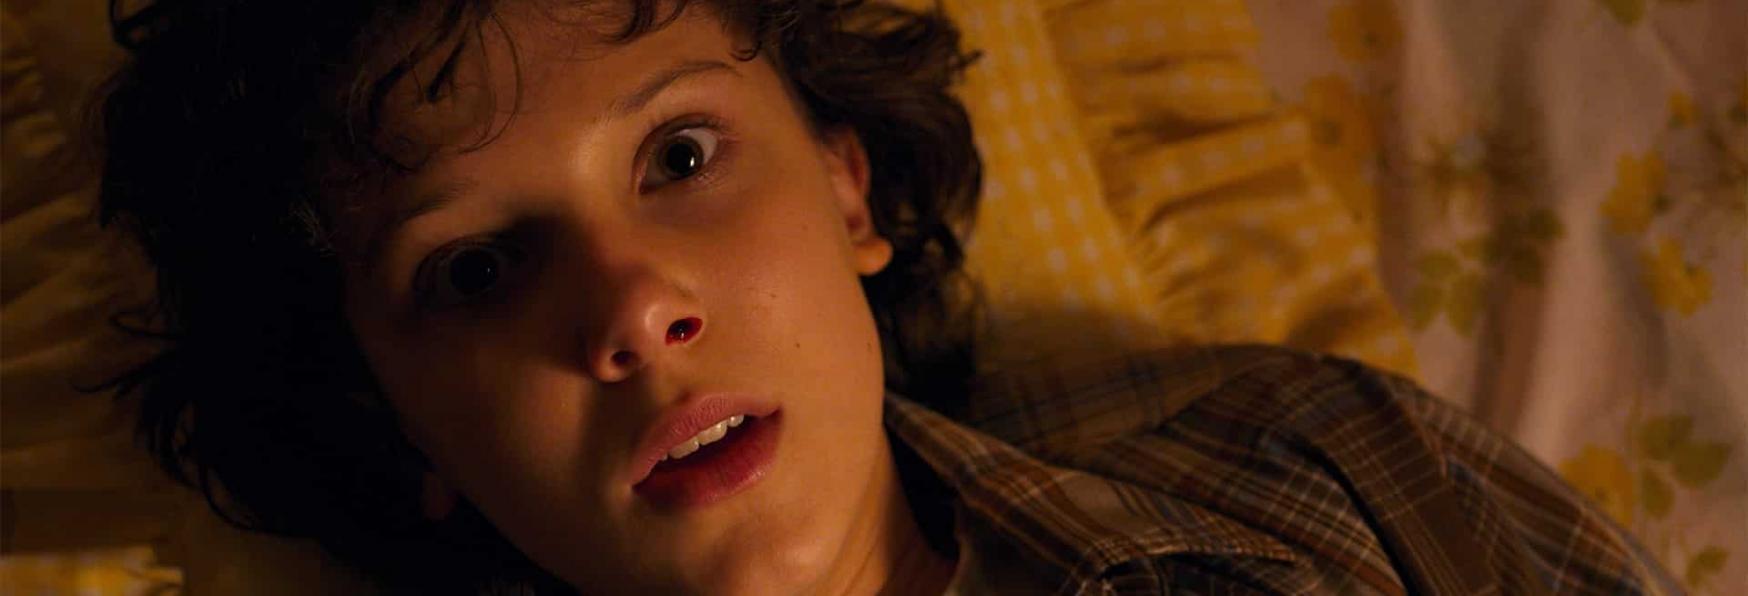 Stranger Things 4: alcune nuove Foto dal Set rivelano il Futuro di Undici